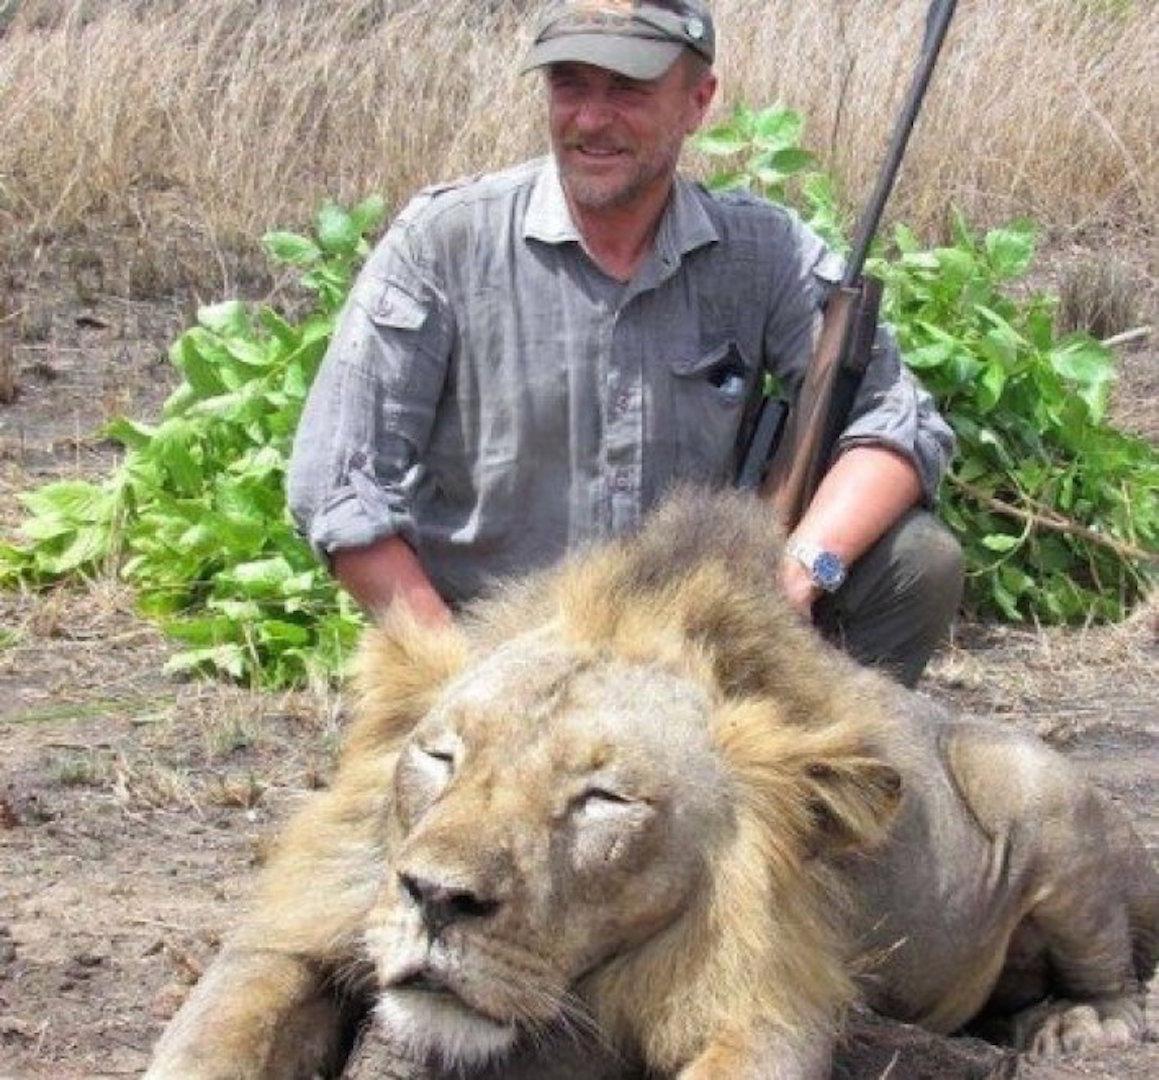 Luciano-Ponzetto-veterinaire-chasse-lion-chute-mortelle-1